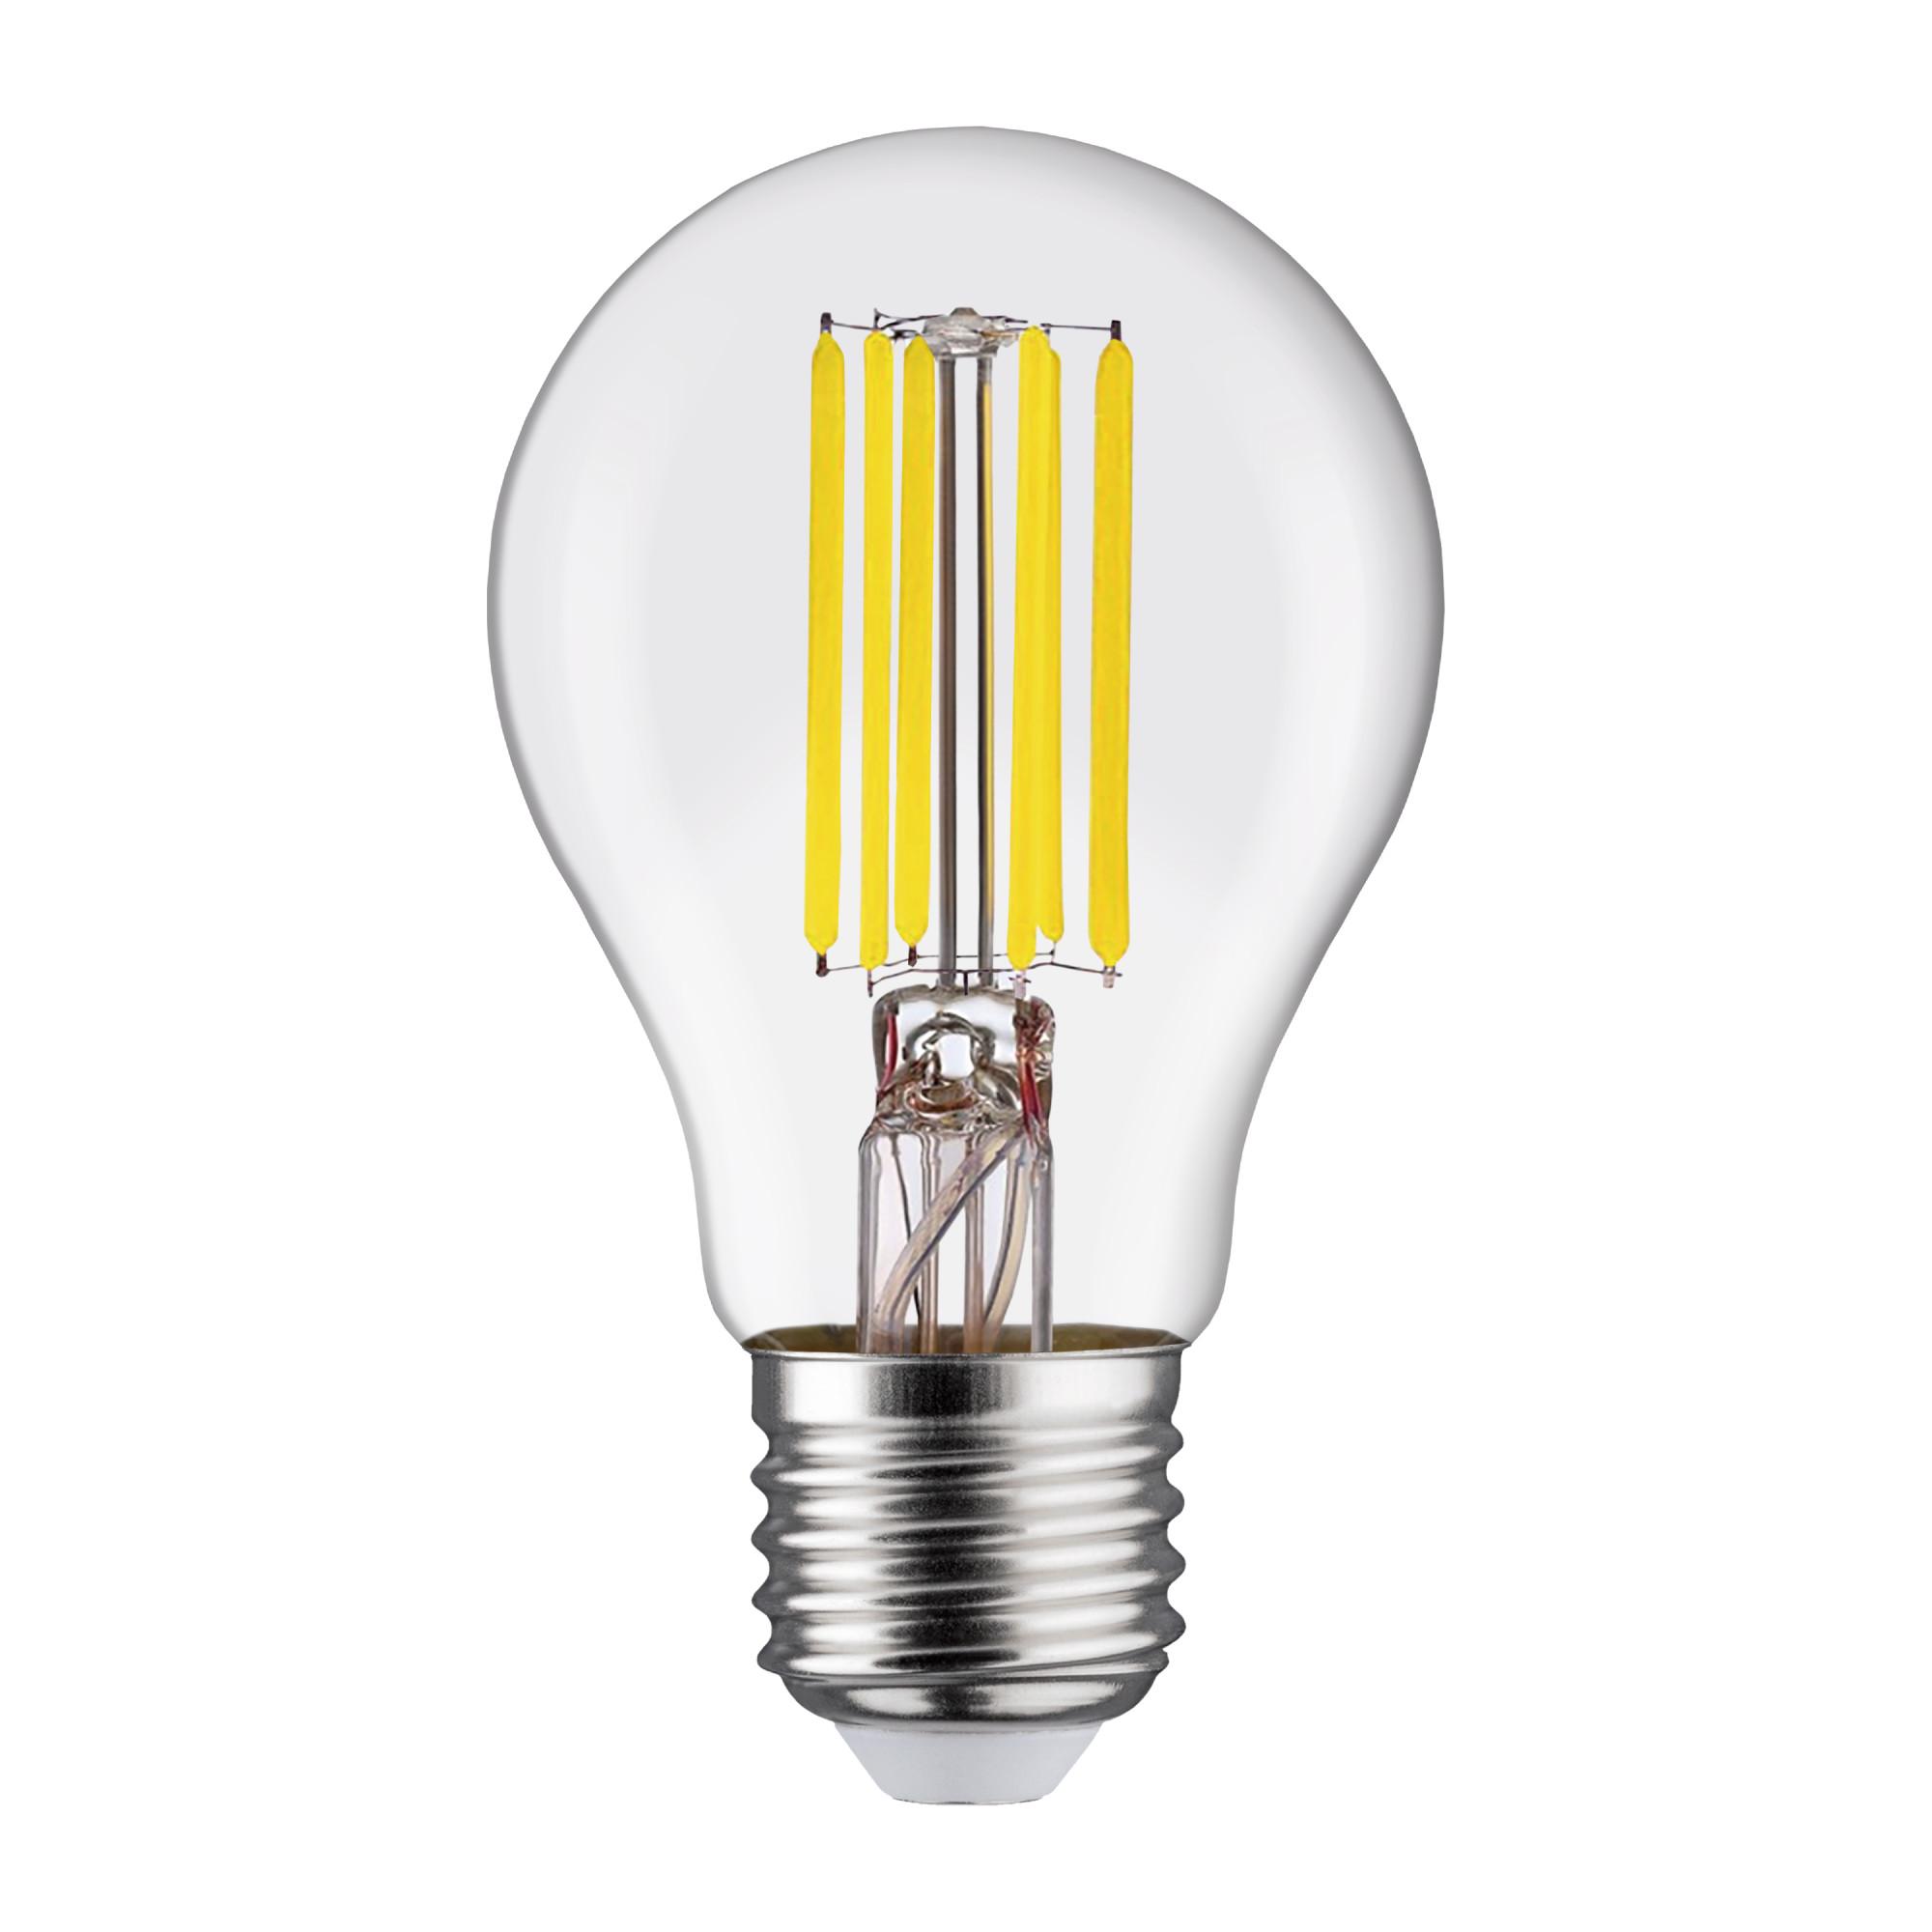 Лампа светодиодная филаментная Lexman E27 220 В 11 Вт груша прозрачная 1521 лм белый свет